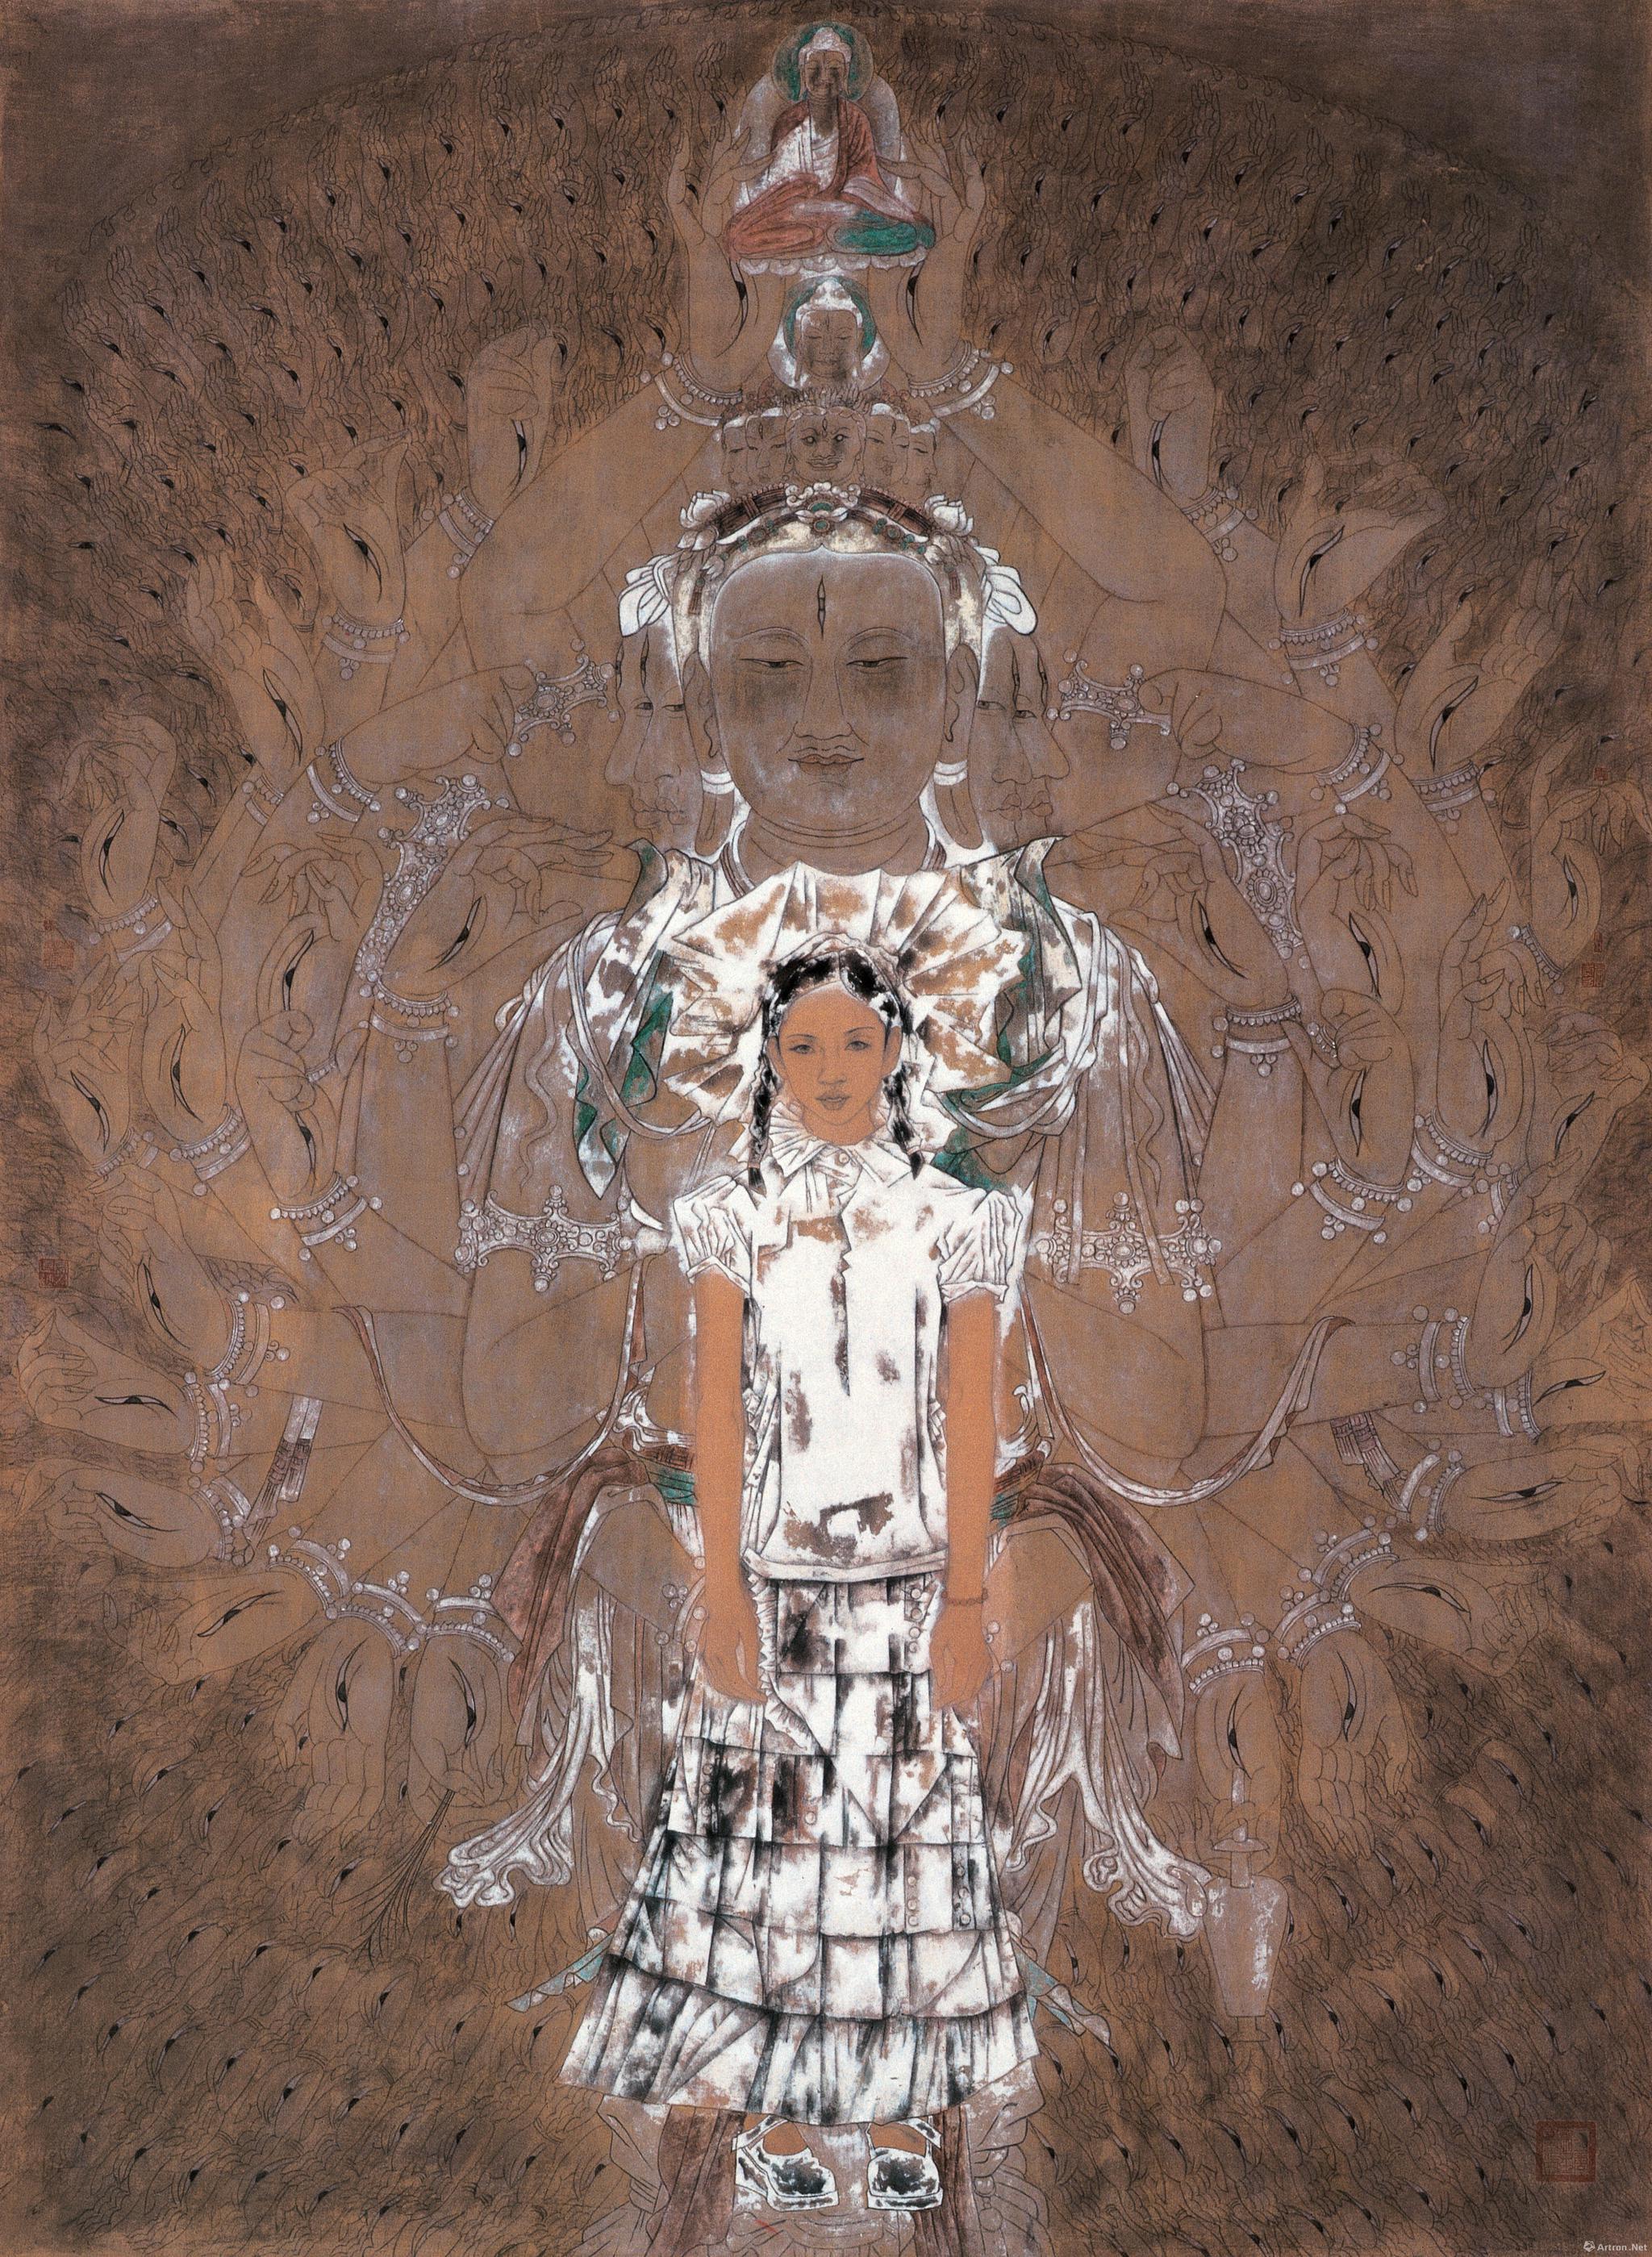 敦煌之梦-千手观音唐勇力绢本矿物色 140x220cm 2003年